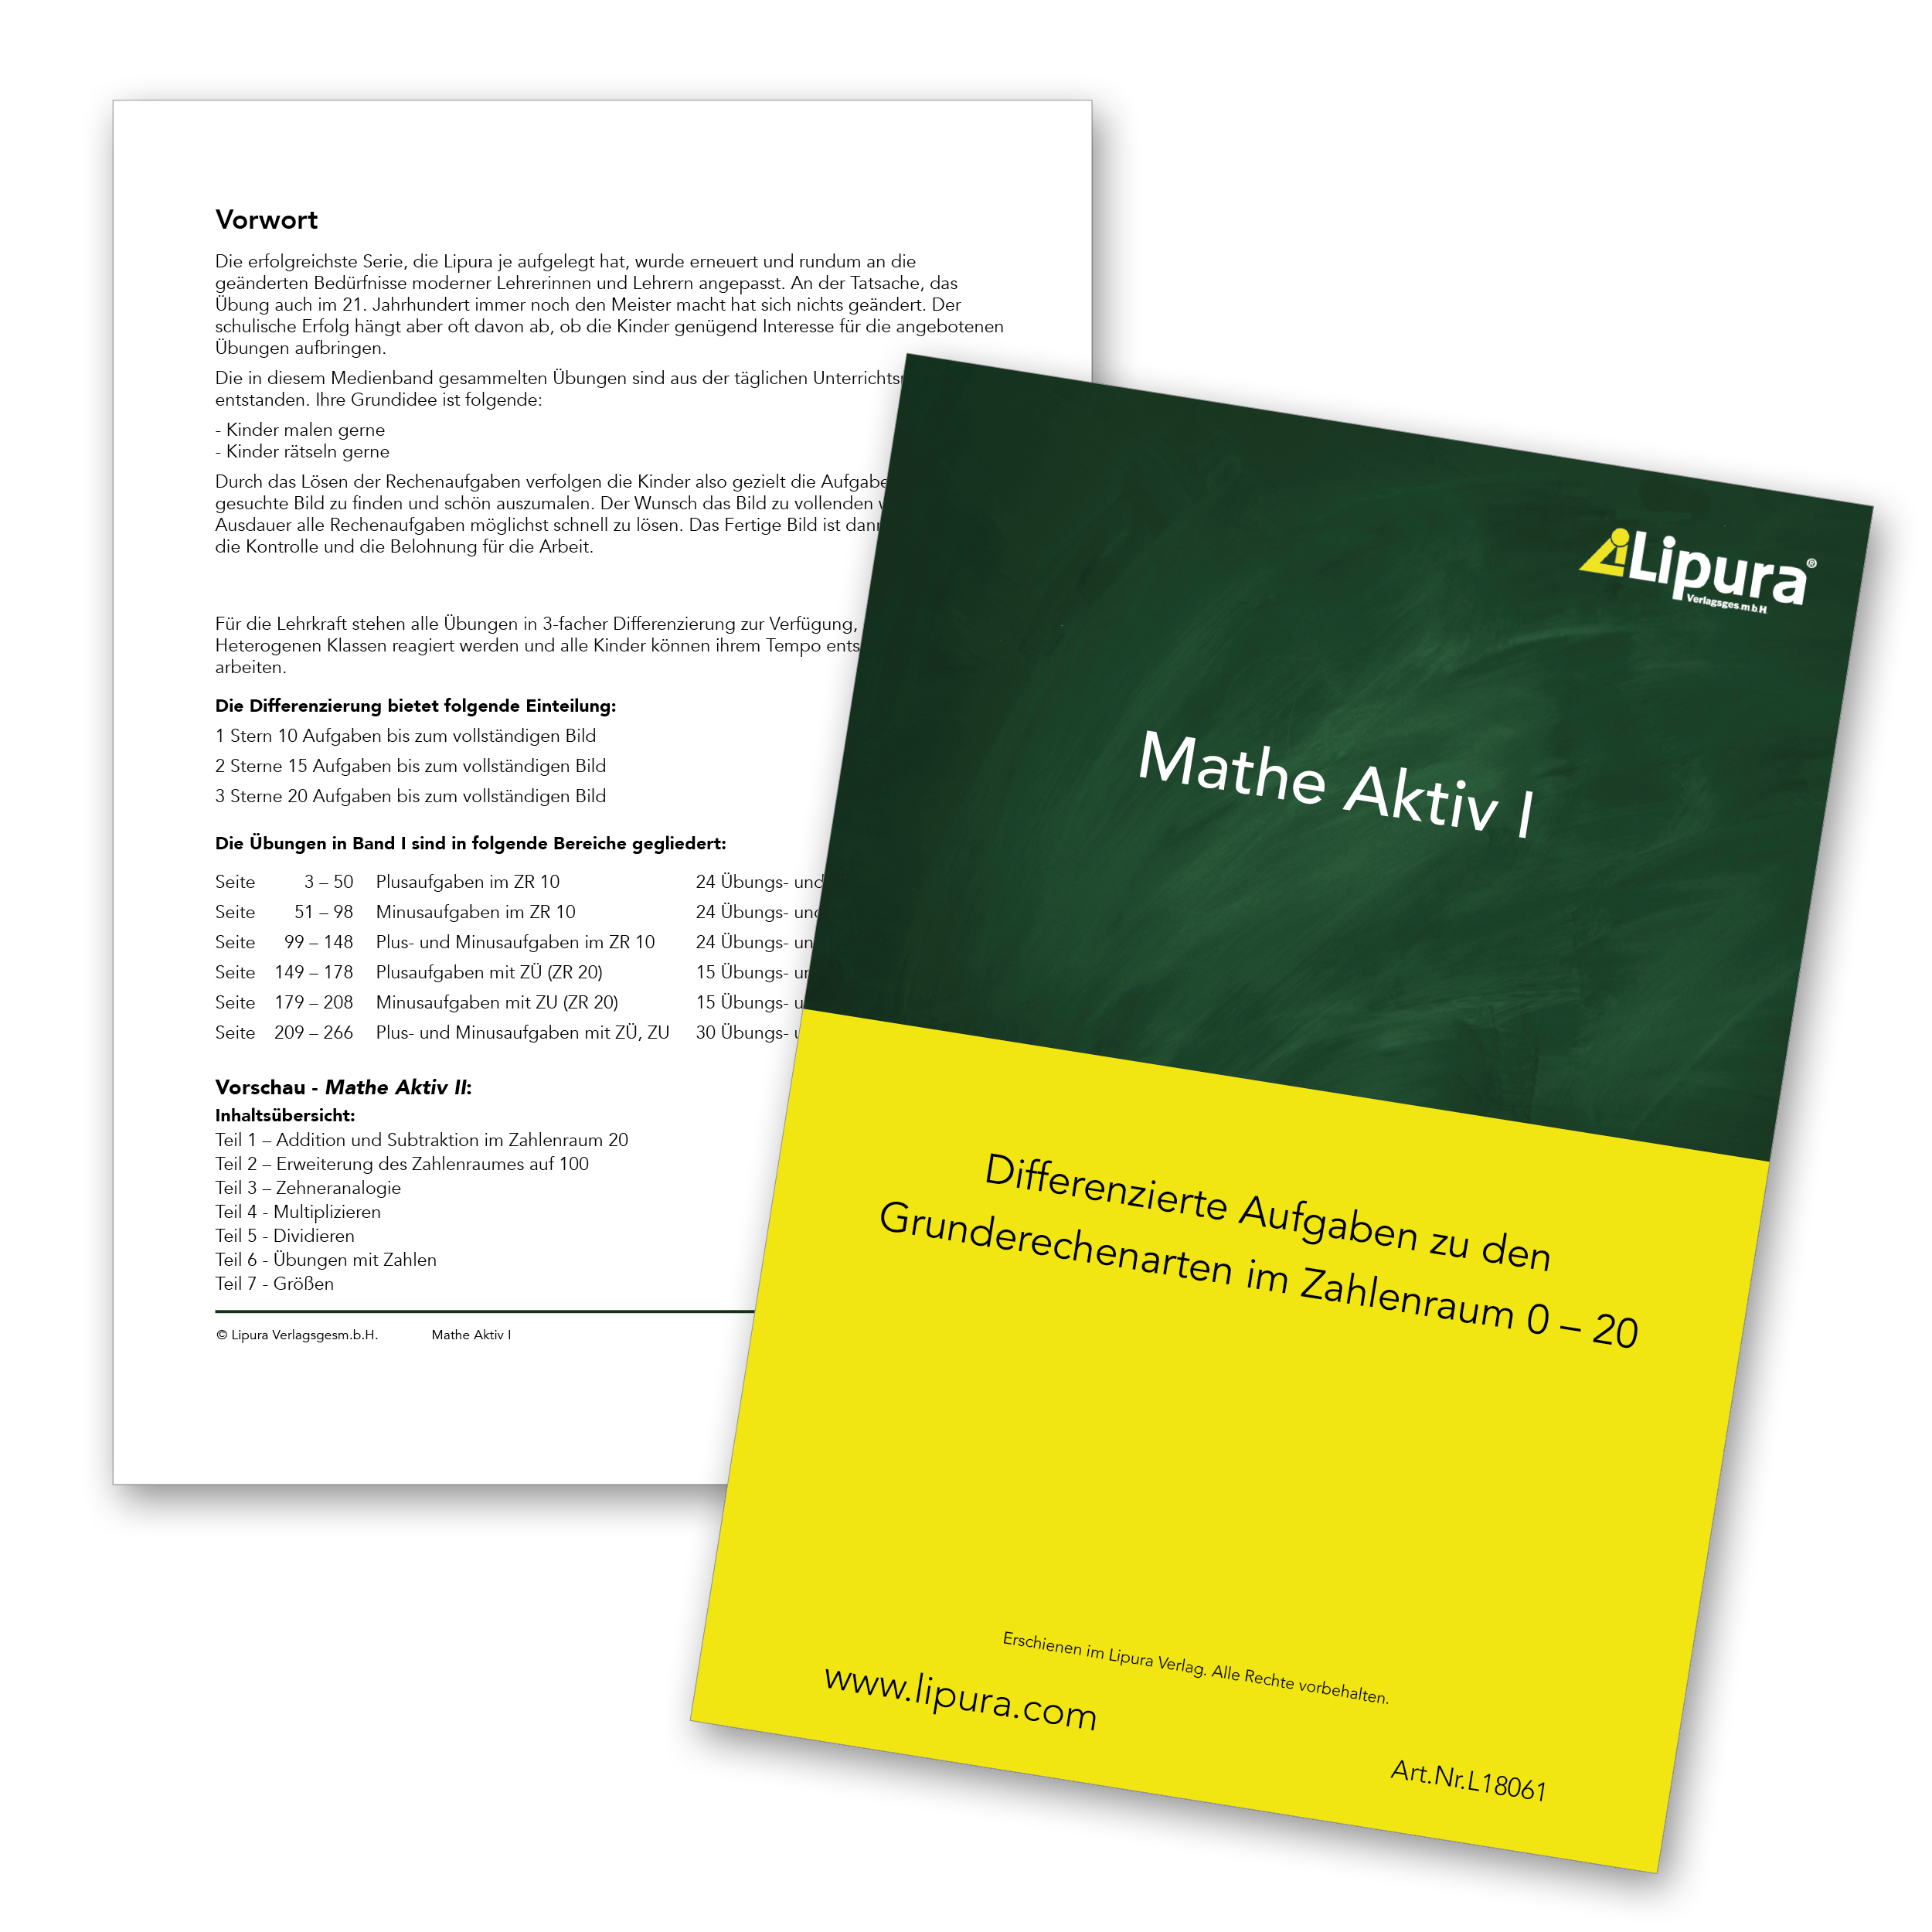 Mathe Aktiv I - Spiel- und Unterrichtsmaterialien | Lipura rapuli